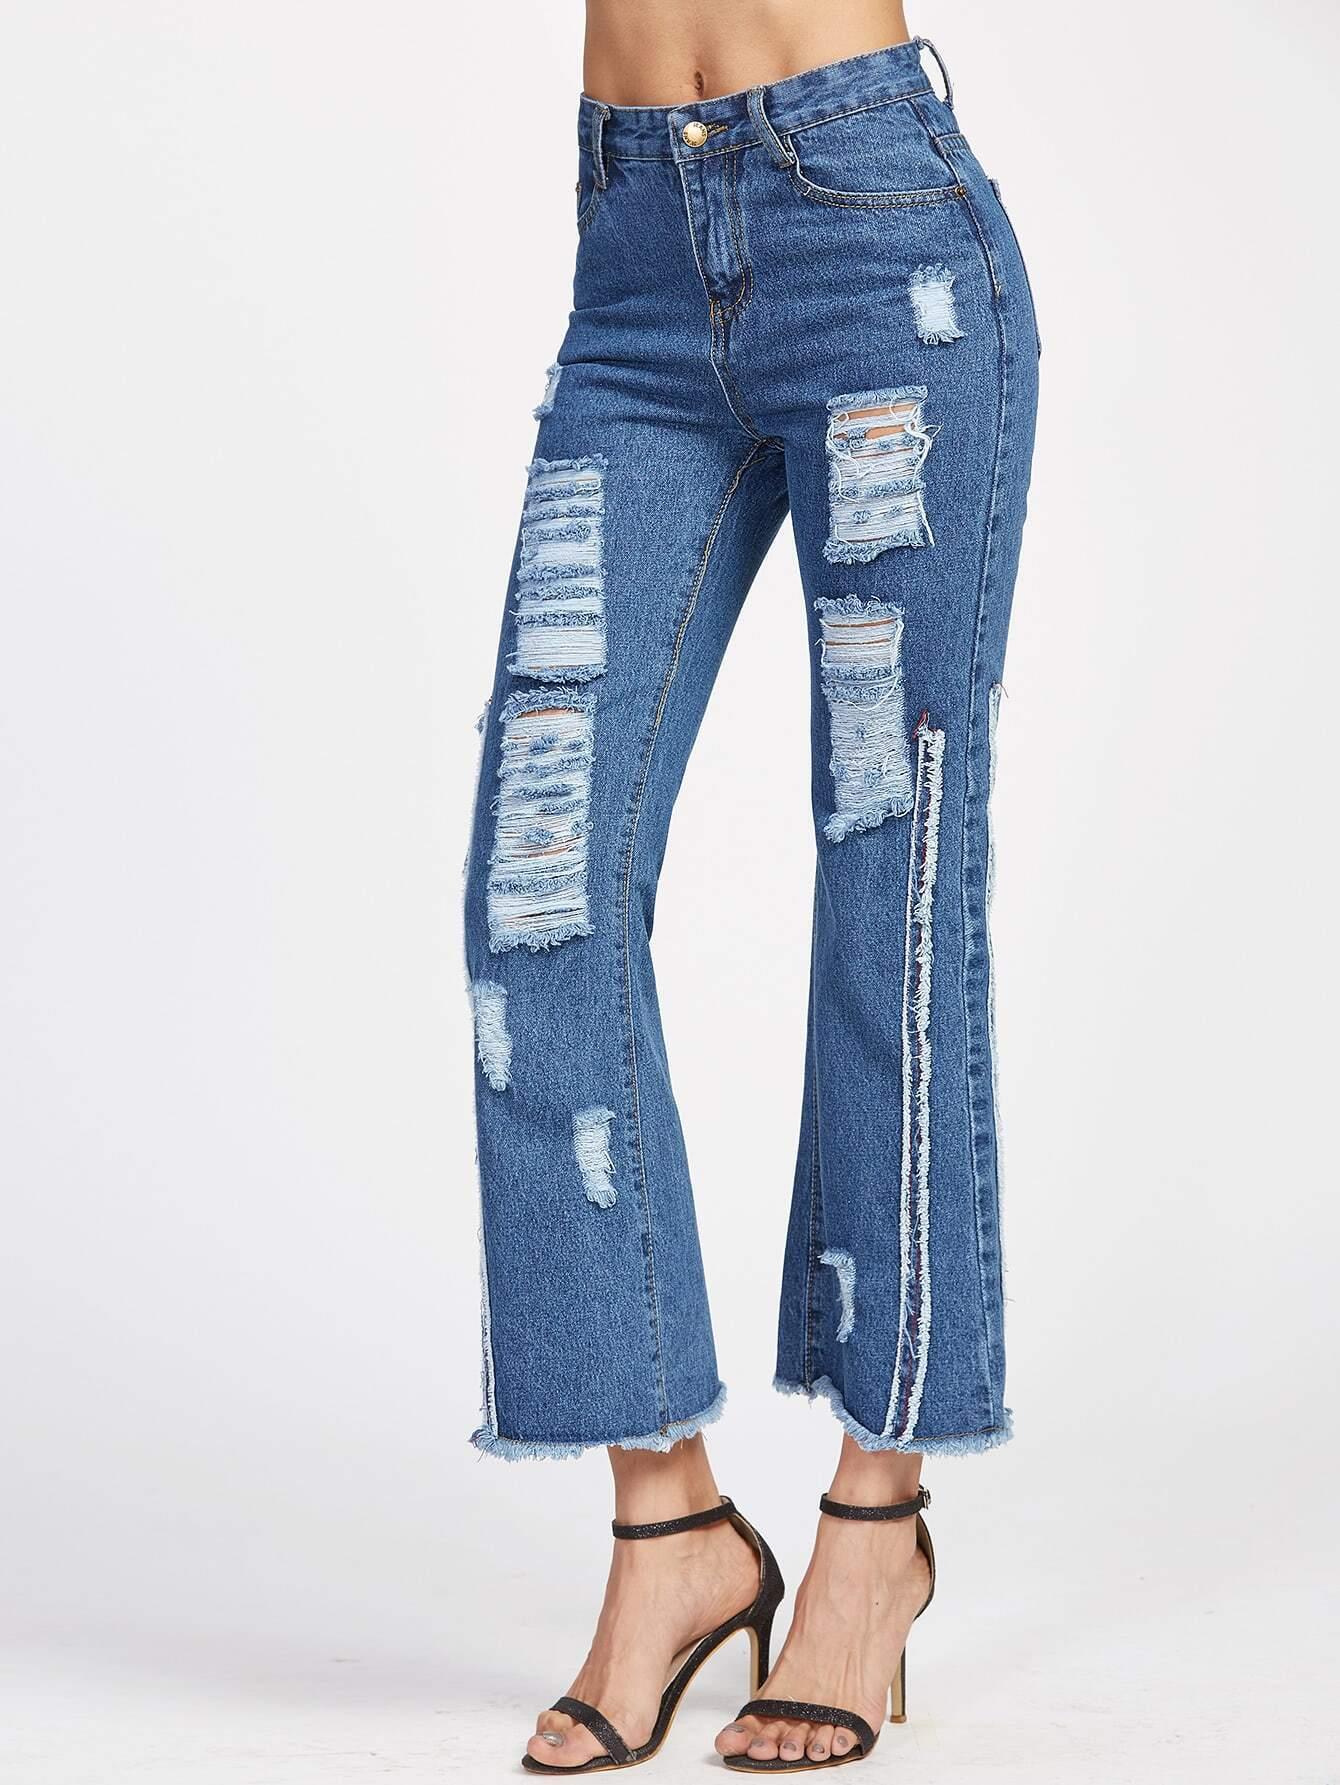 pants170320101_2